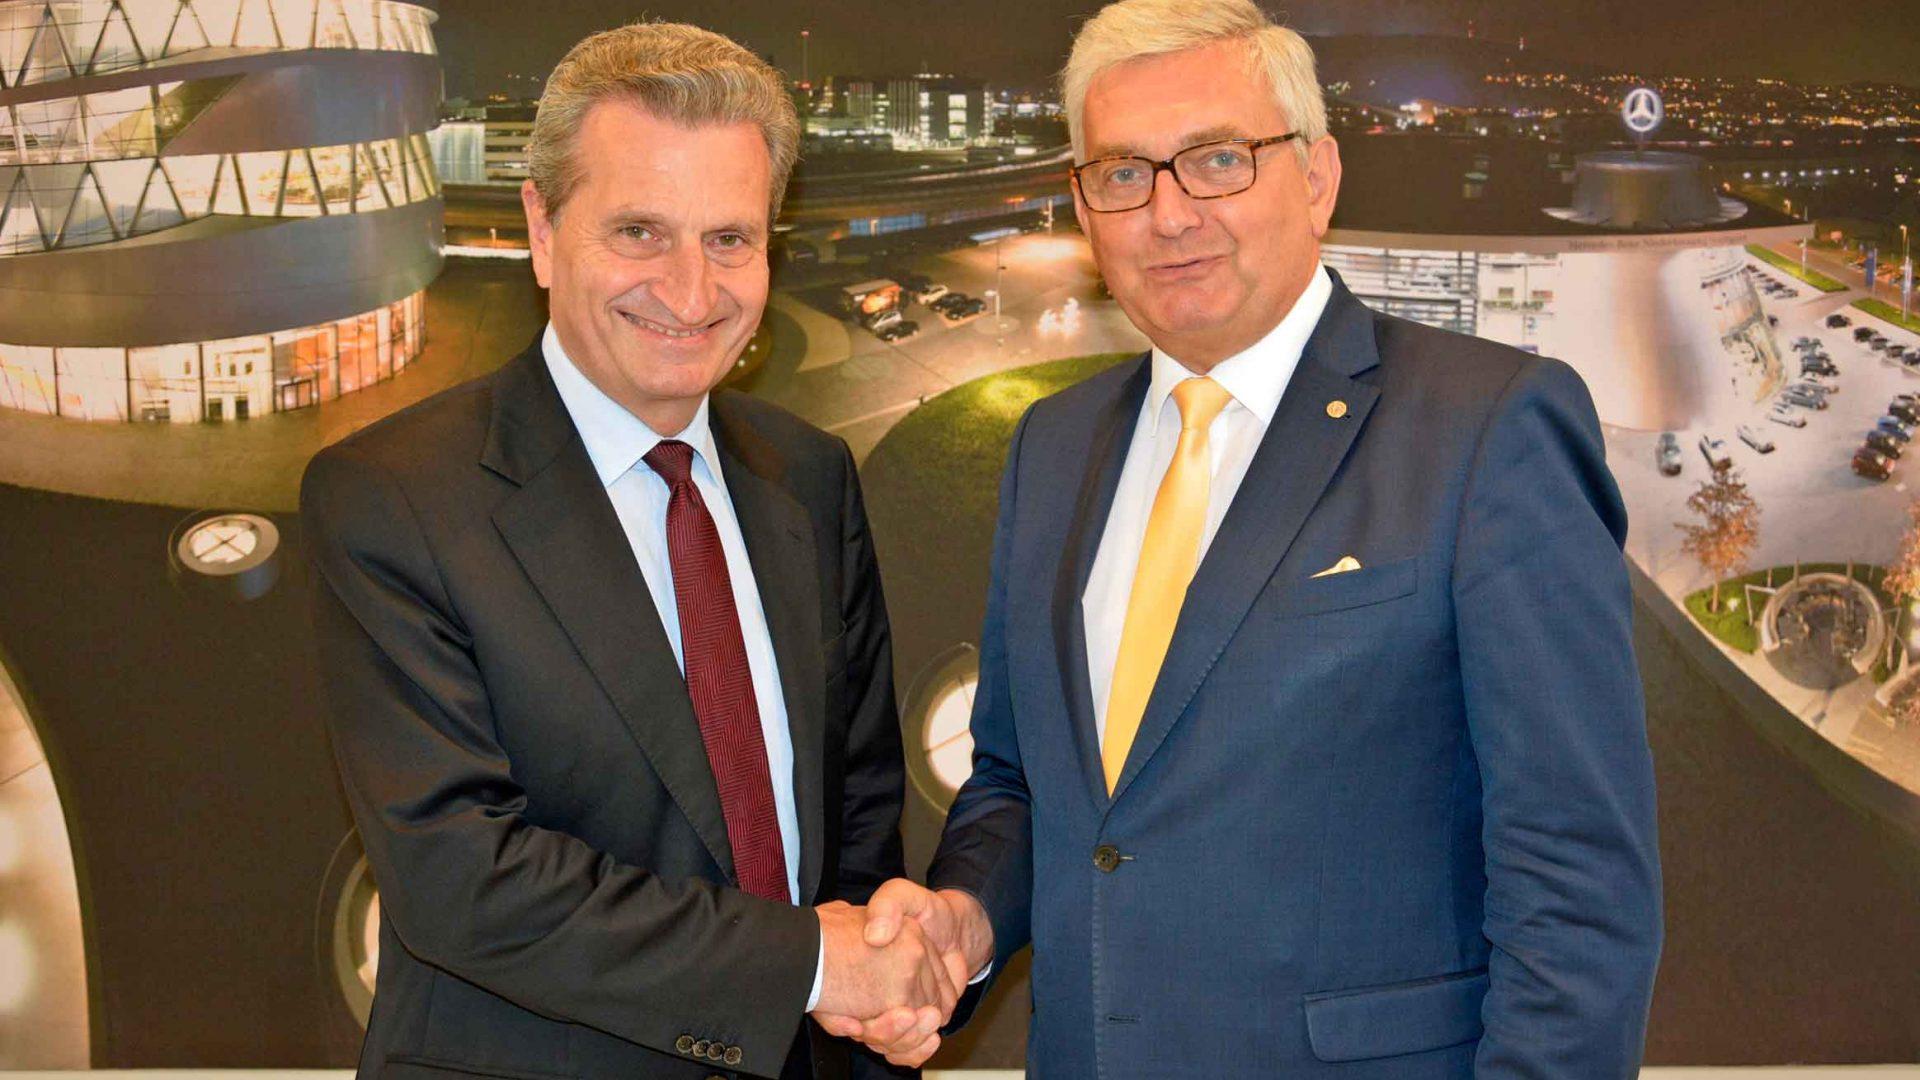 EU-Haushaltskommissar Günther Öttinger betonte im Gespräch mit dem Gemeindebund-Chef, dass die durch Brexit entstehende Lücke von rund zwölf Milliarden Euro nur schwer zu schließen sei. ©Gemeindebund